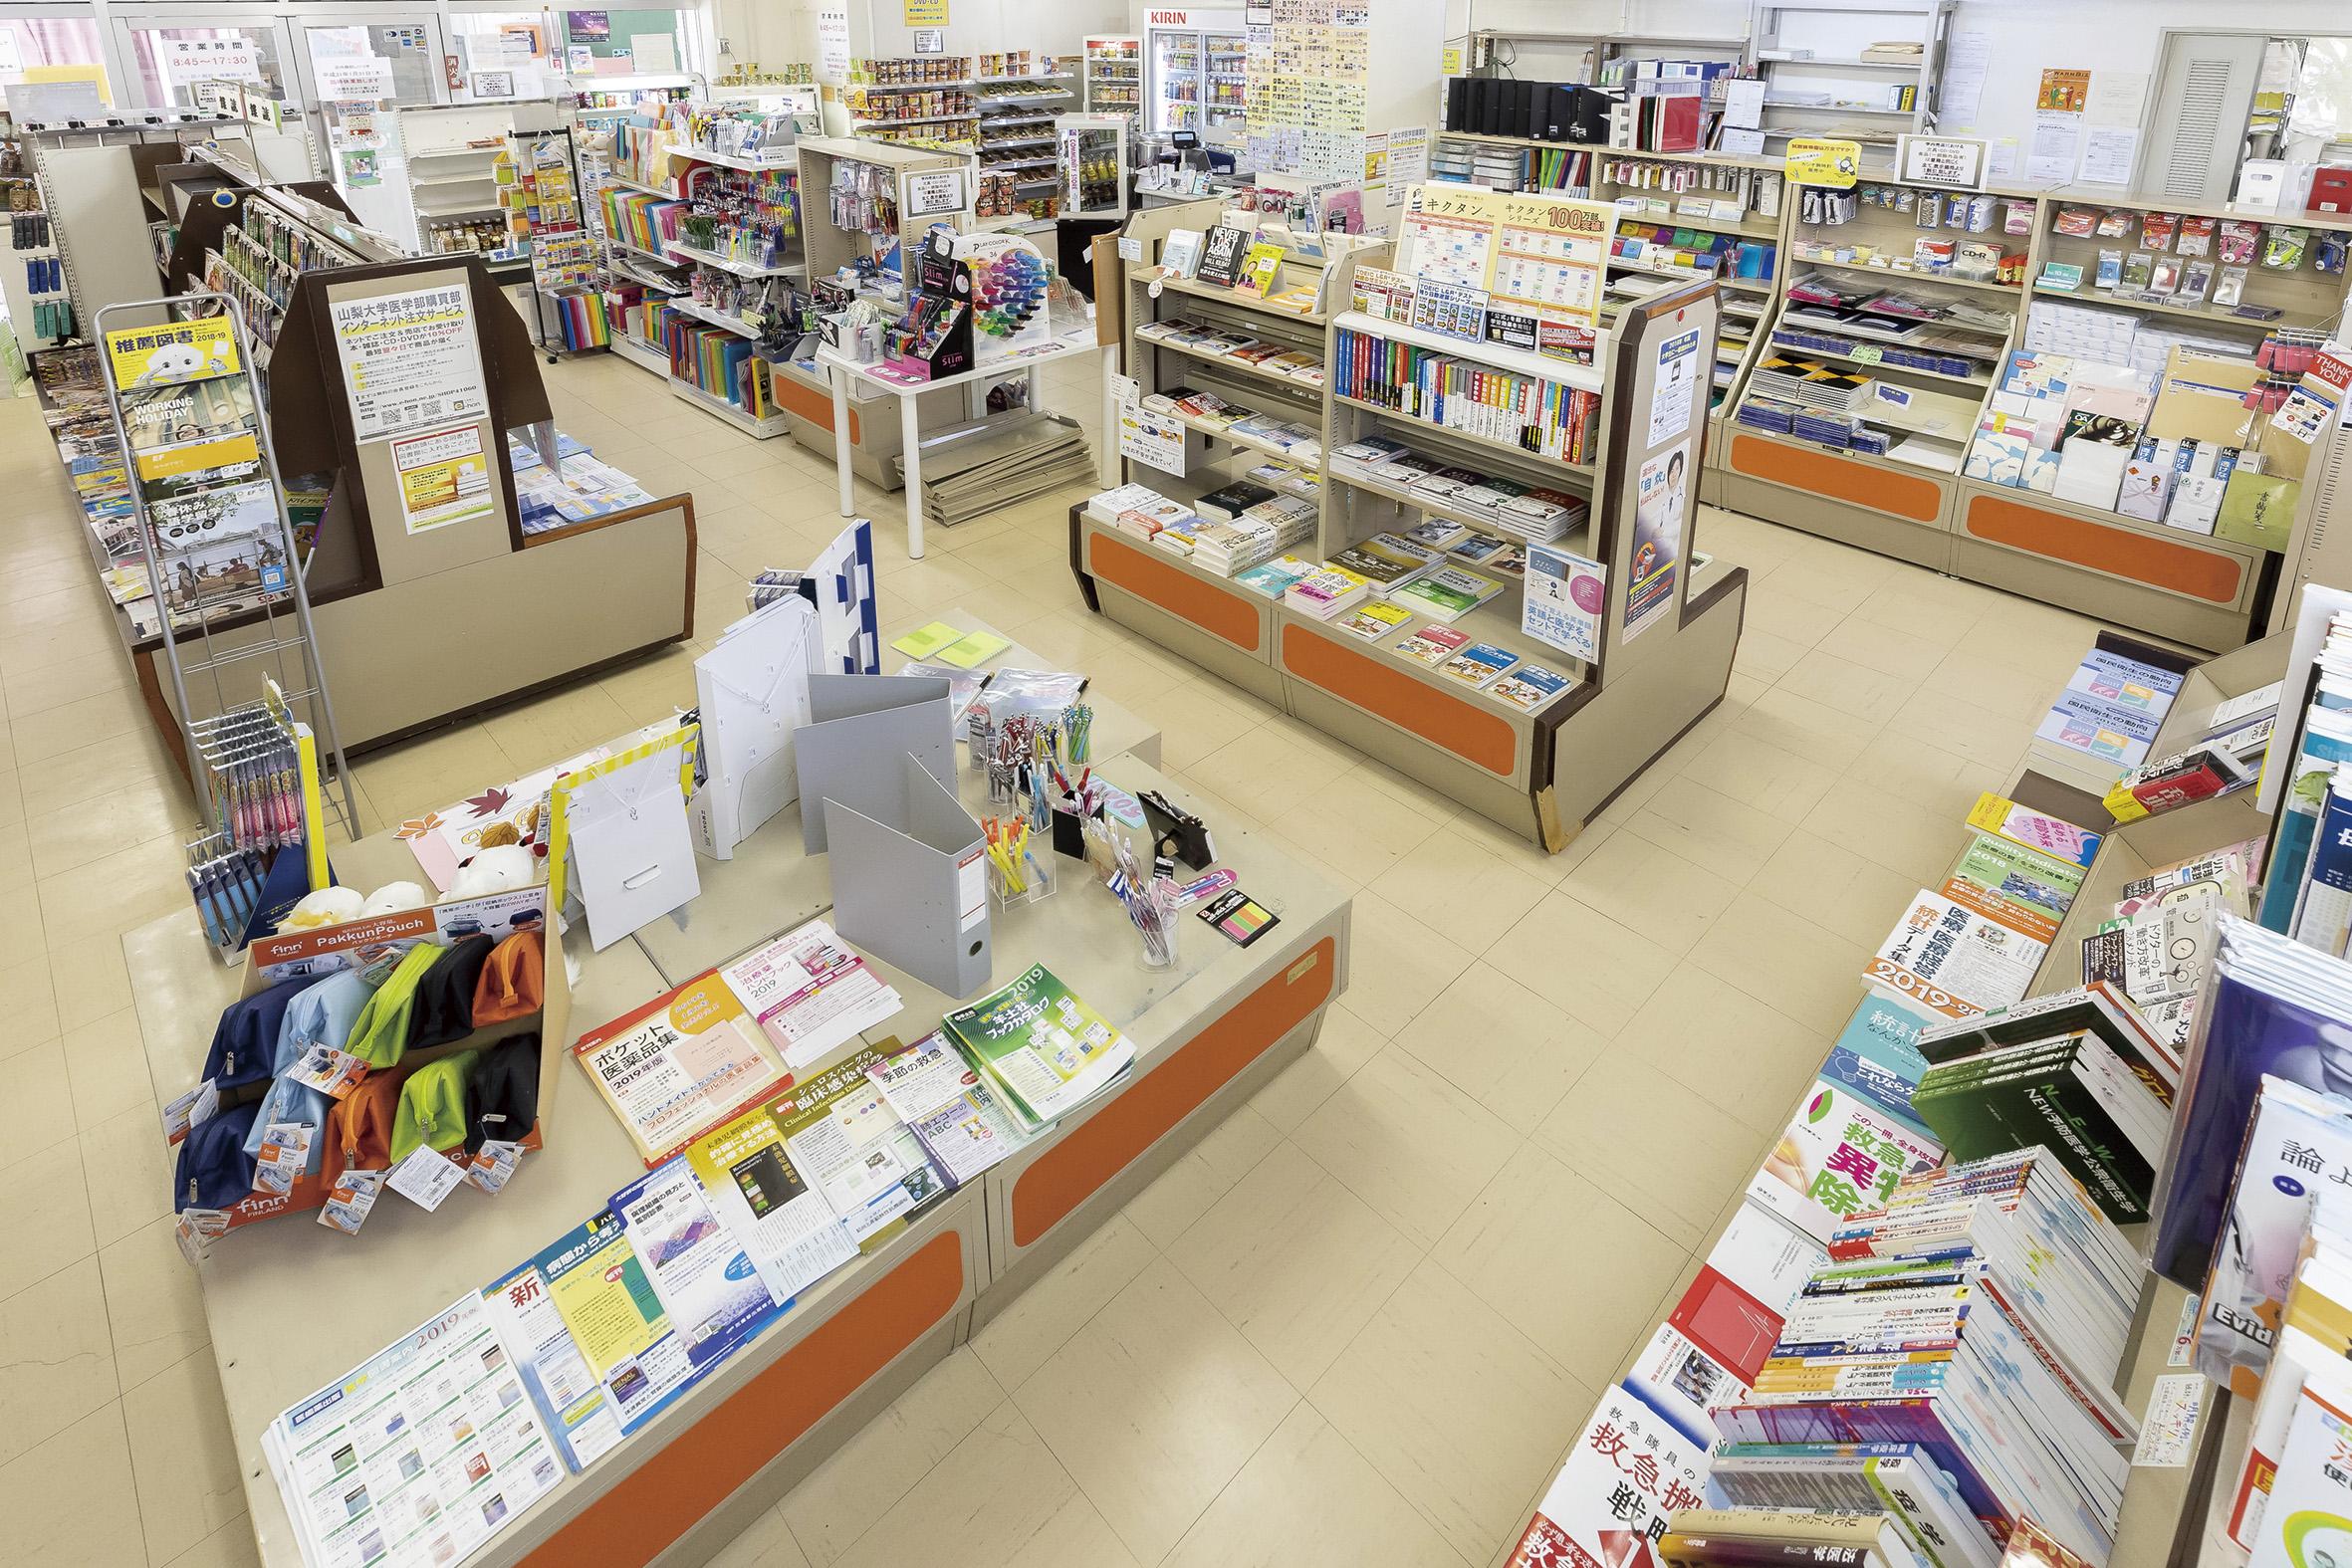 書店「丸善」の店内の様子